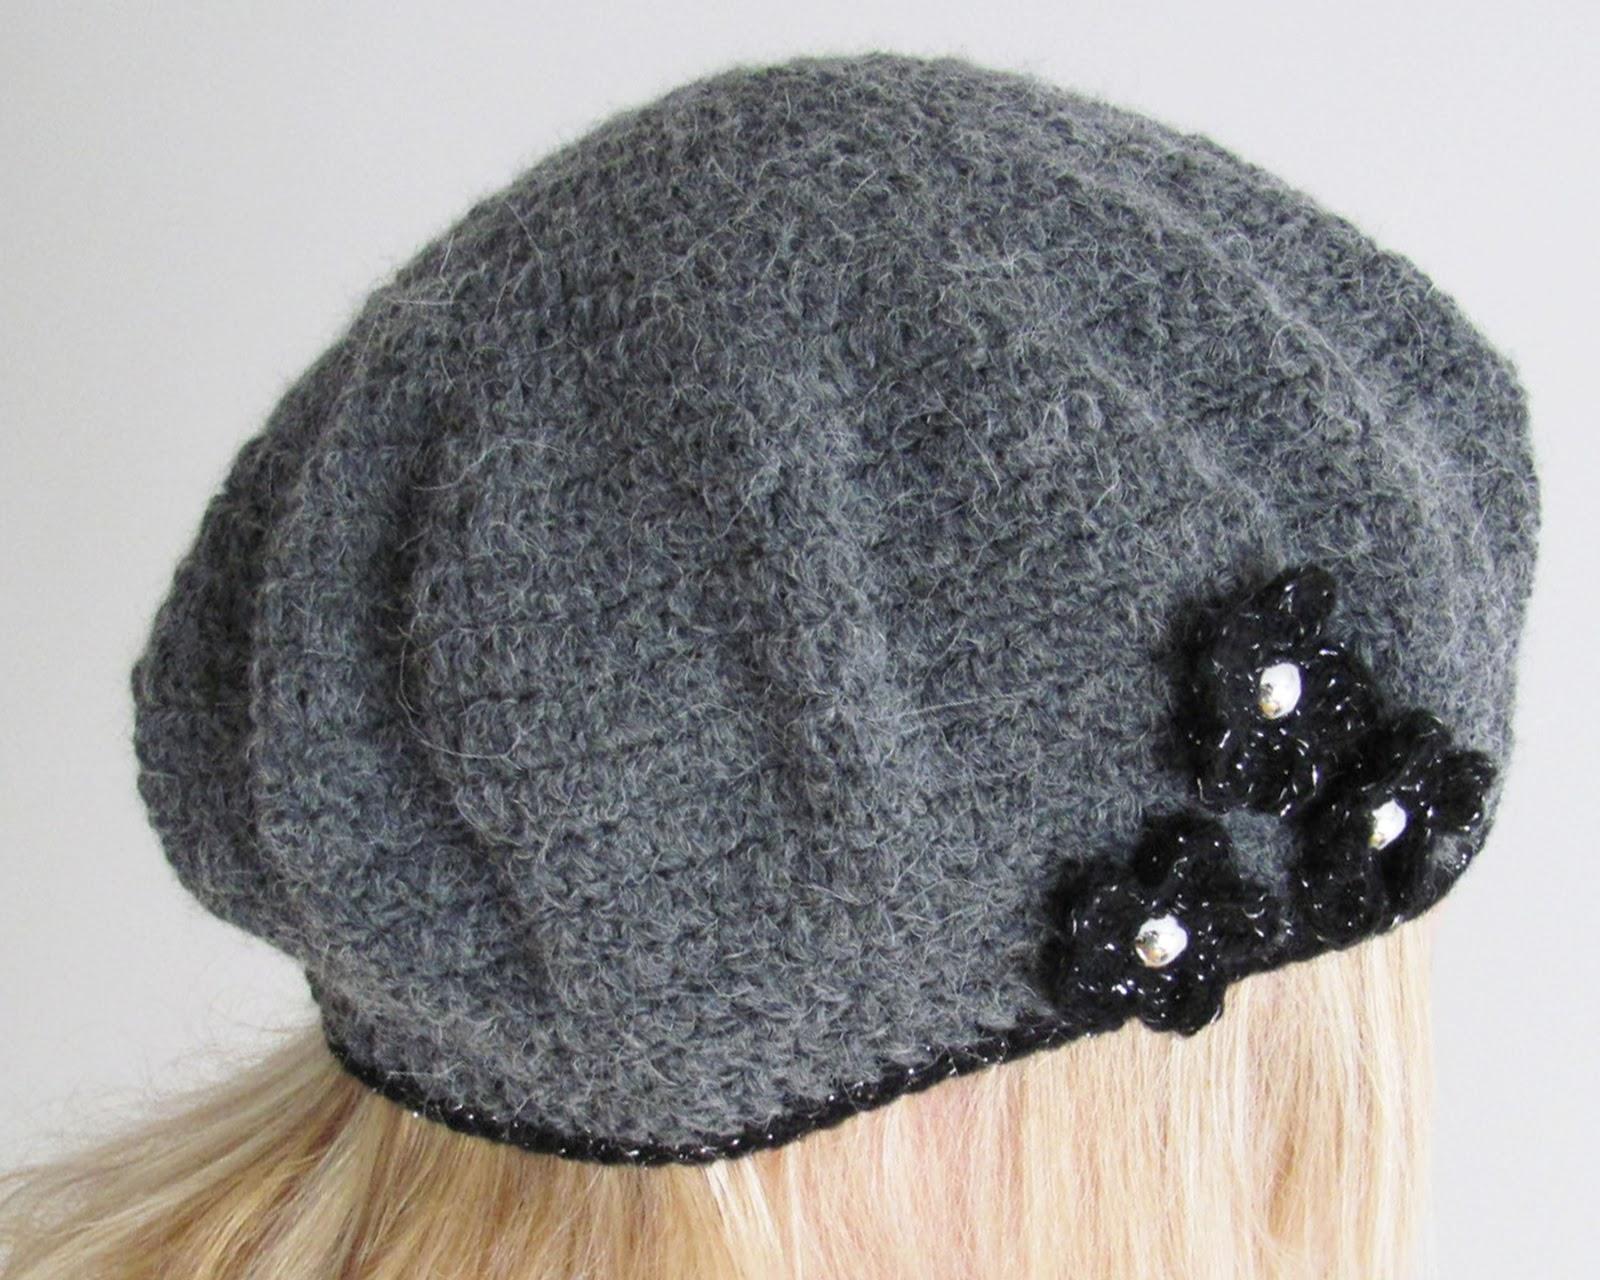 Crochet Beret Hat Pattern Easy : Linas Land: Embellished Basic Crochet Beret